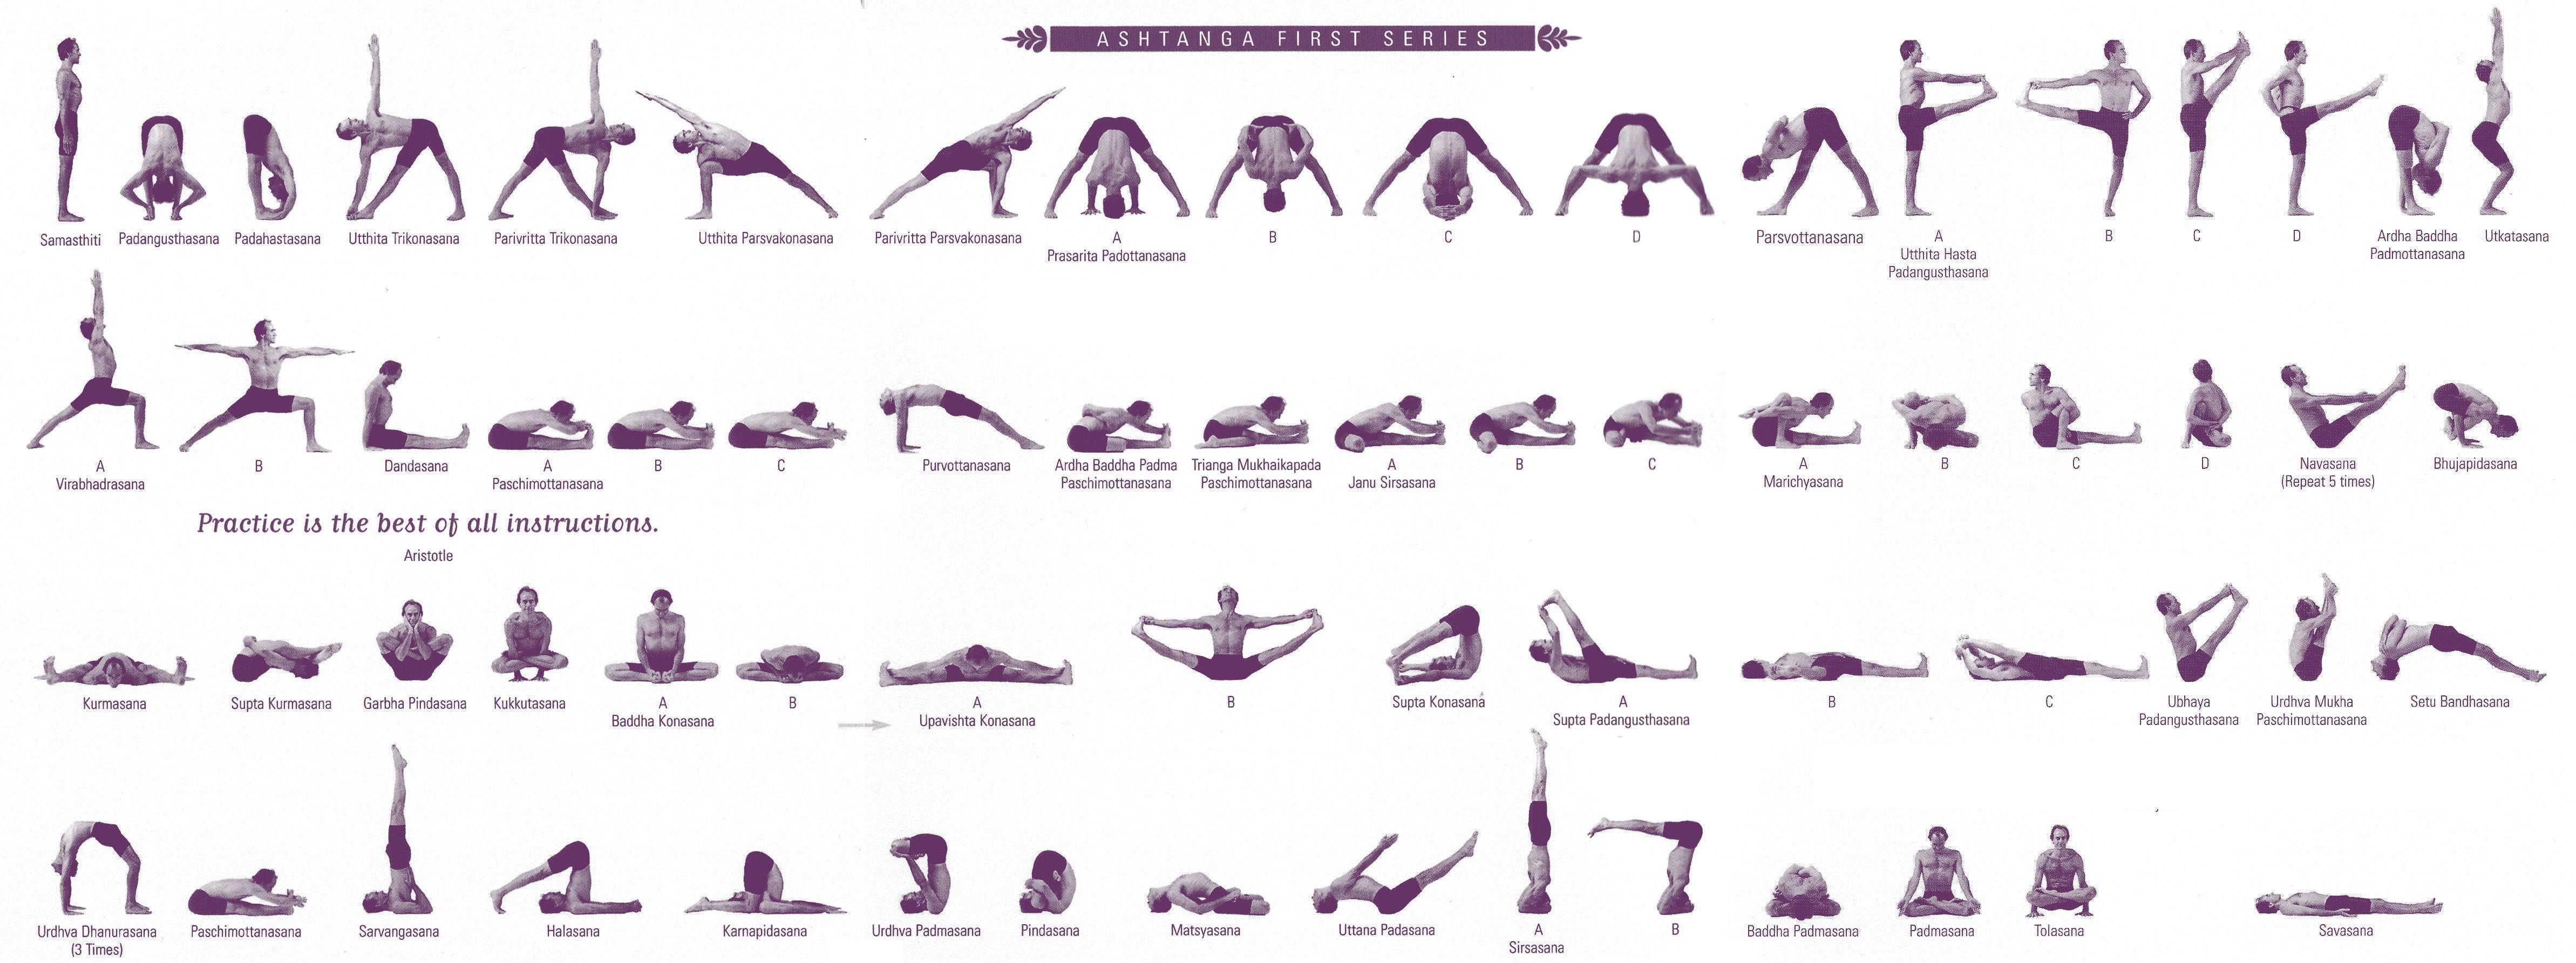 Йога дома: упражнения йоги для начинающих в домашних условиях